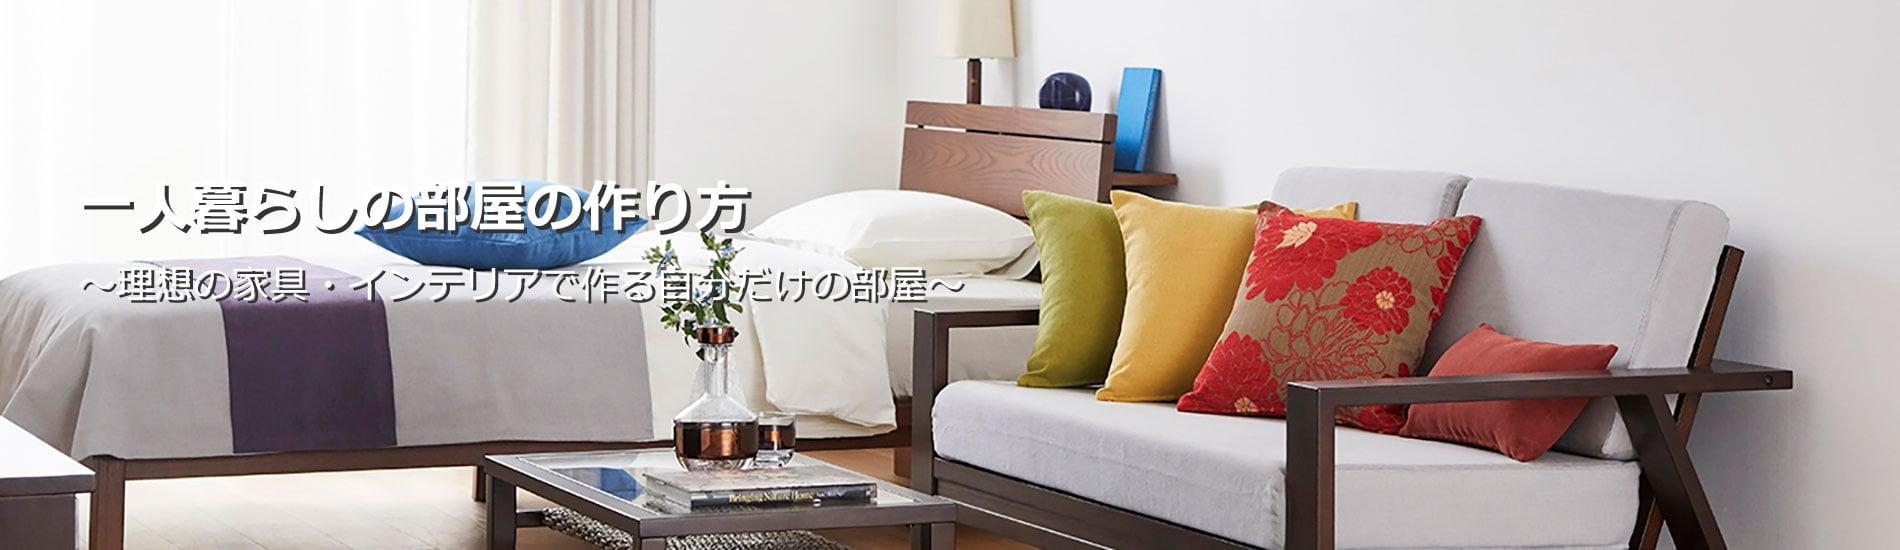 一人暮らしの部屋・ワンルーム・1LDKの作り方 ~理想の家具・インテリアで作る自分だけの部屋~